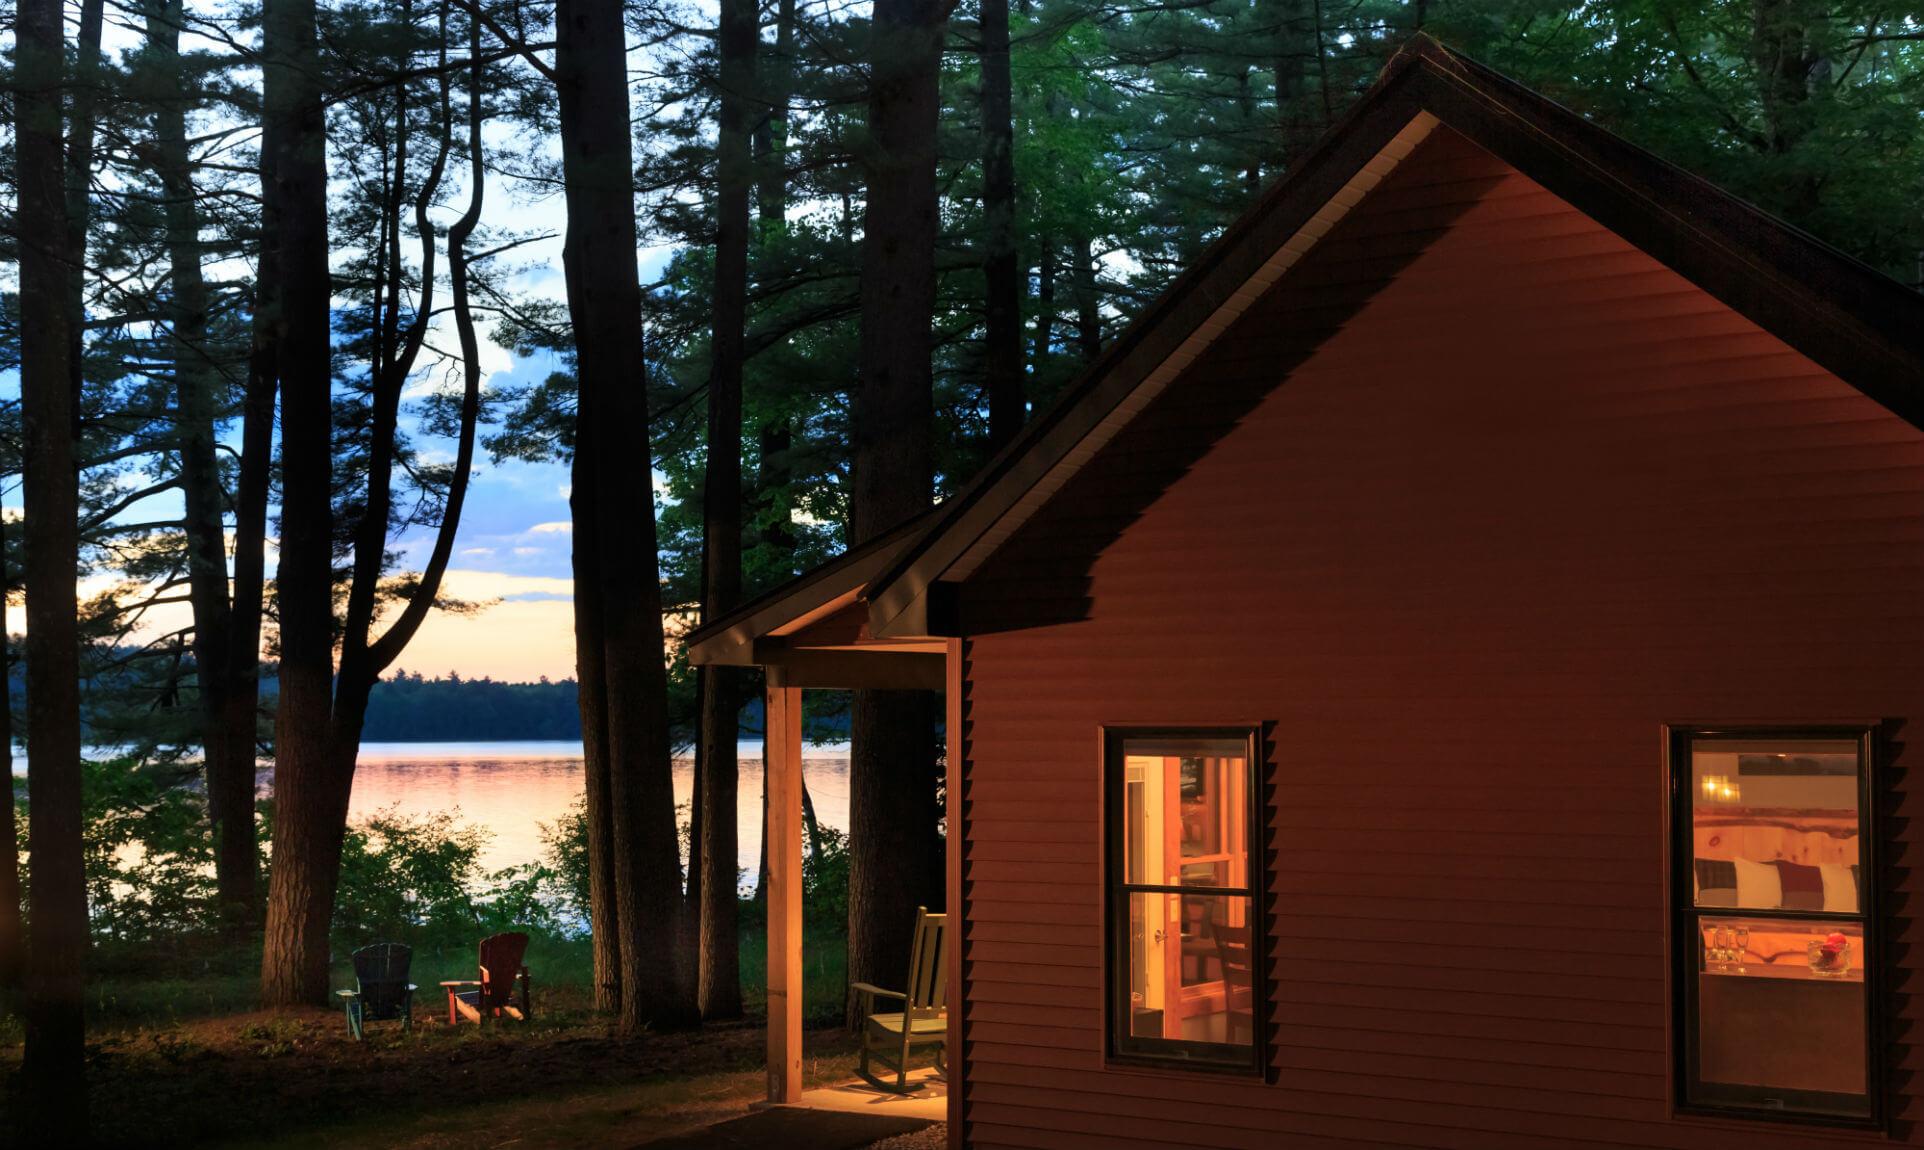 Exterior of Eagle's Nest Cabin nestled in trees near lake